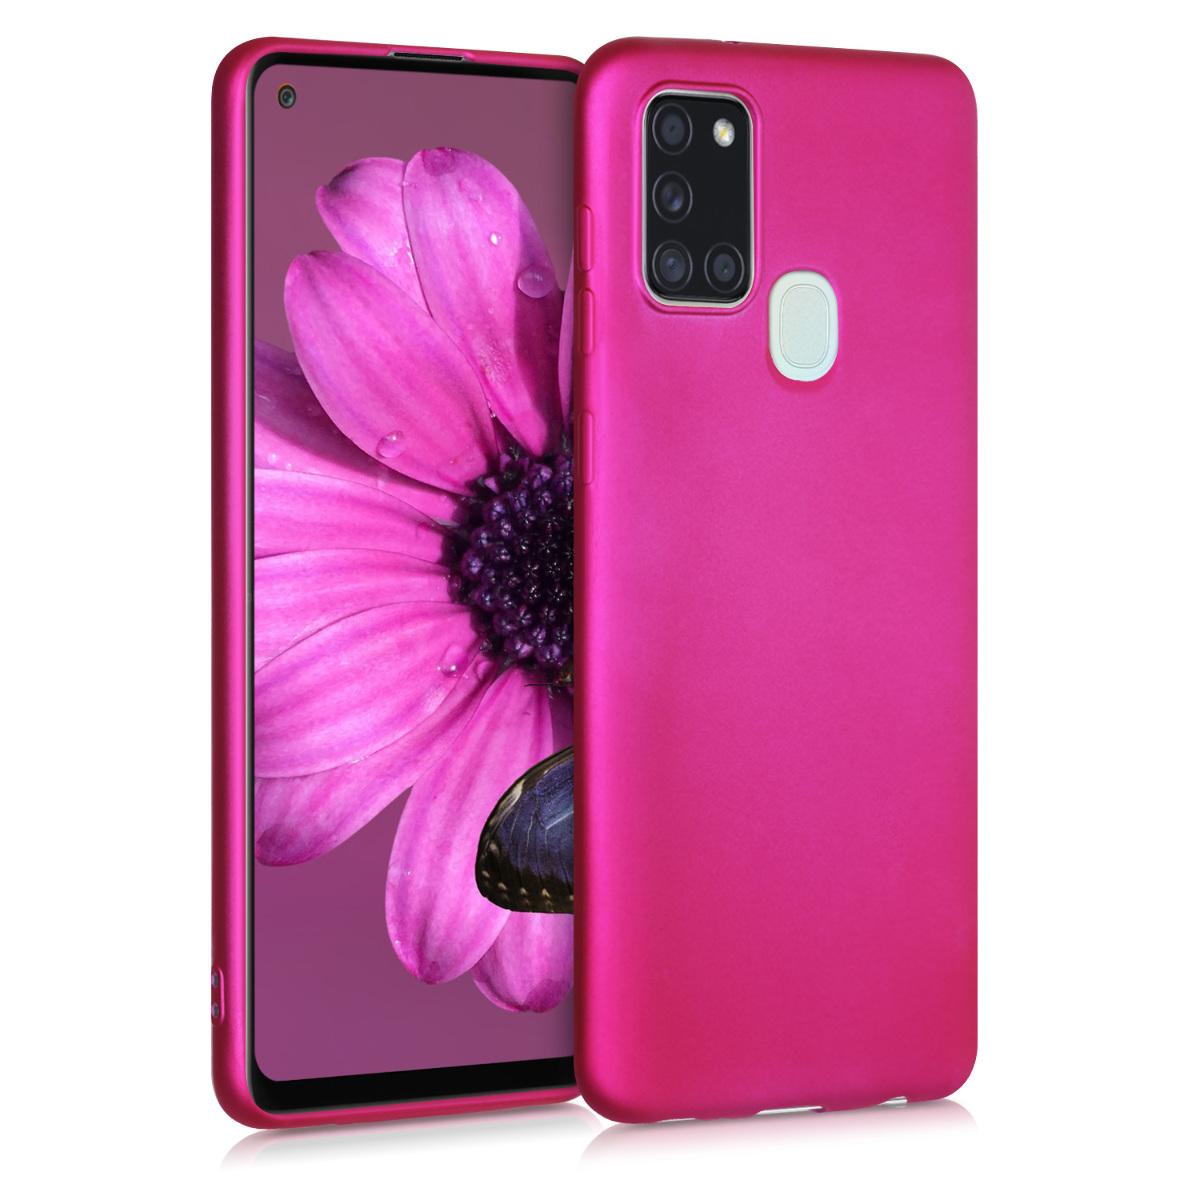 Kvalitní silikonové TPU pouzdro pro Samsung A21s - Metallic Pink